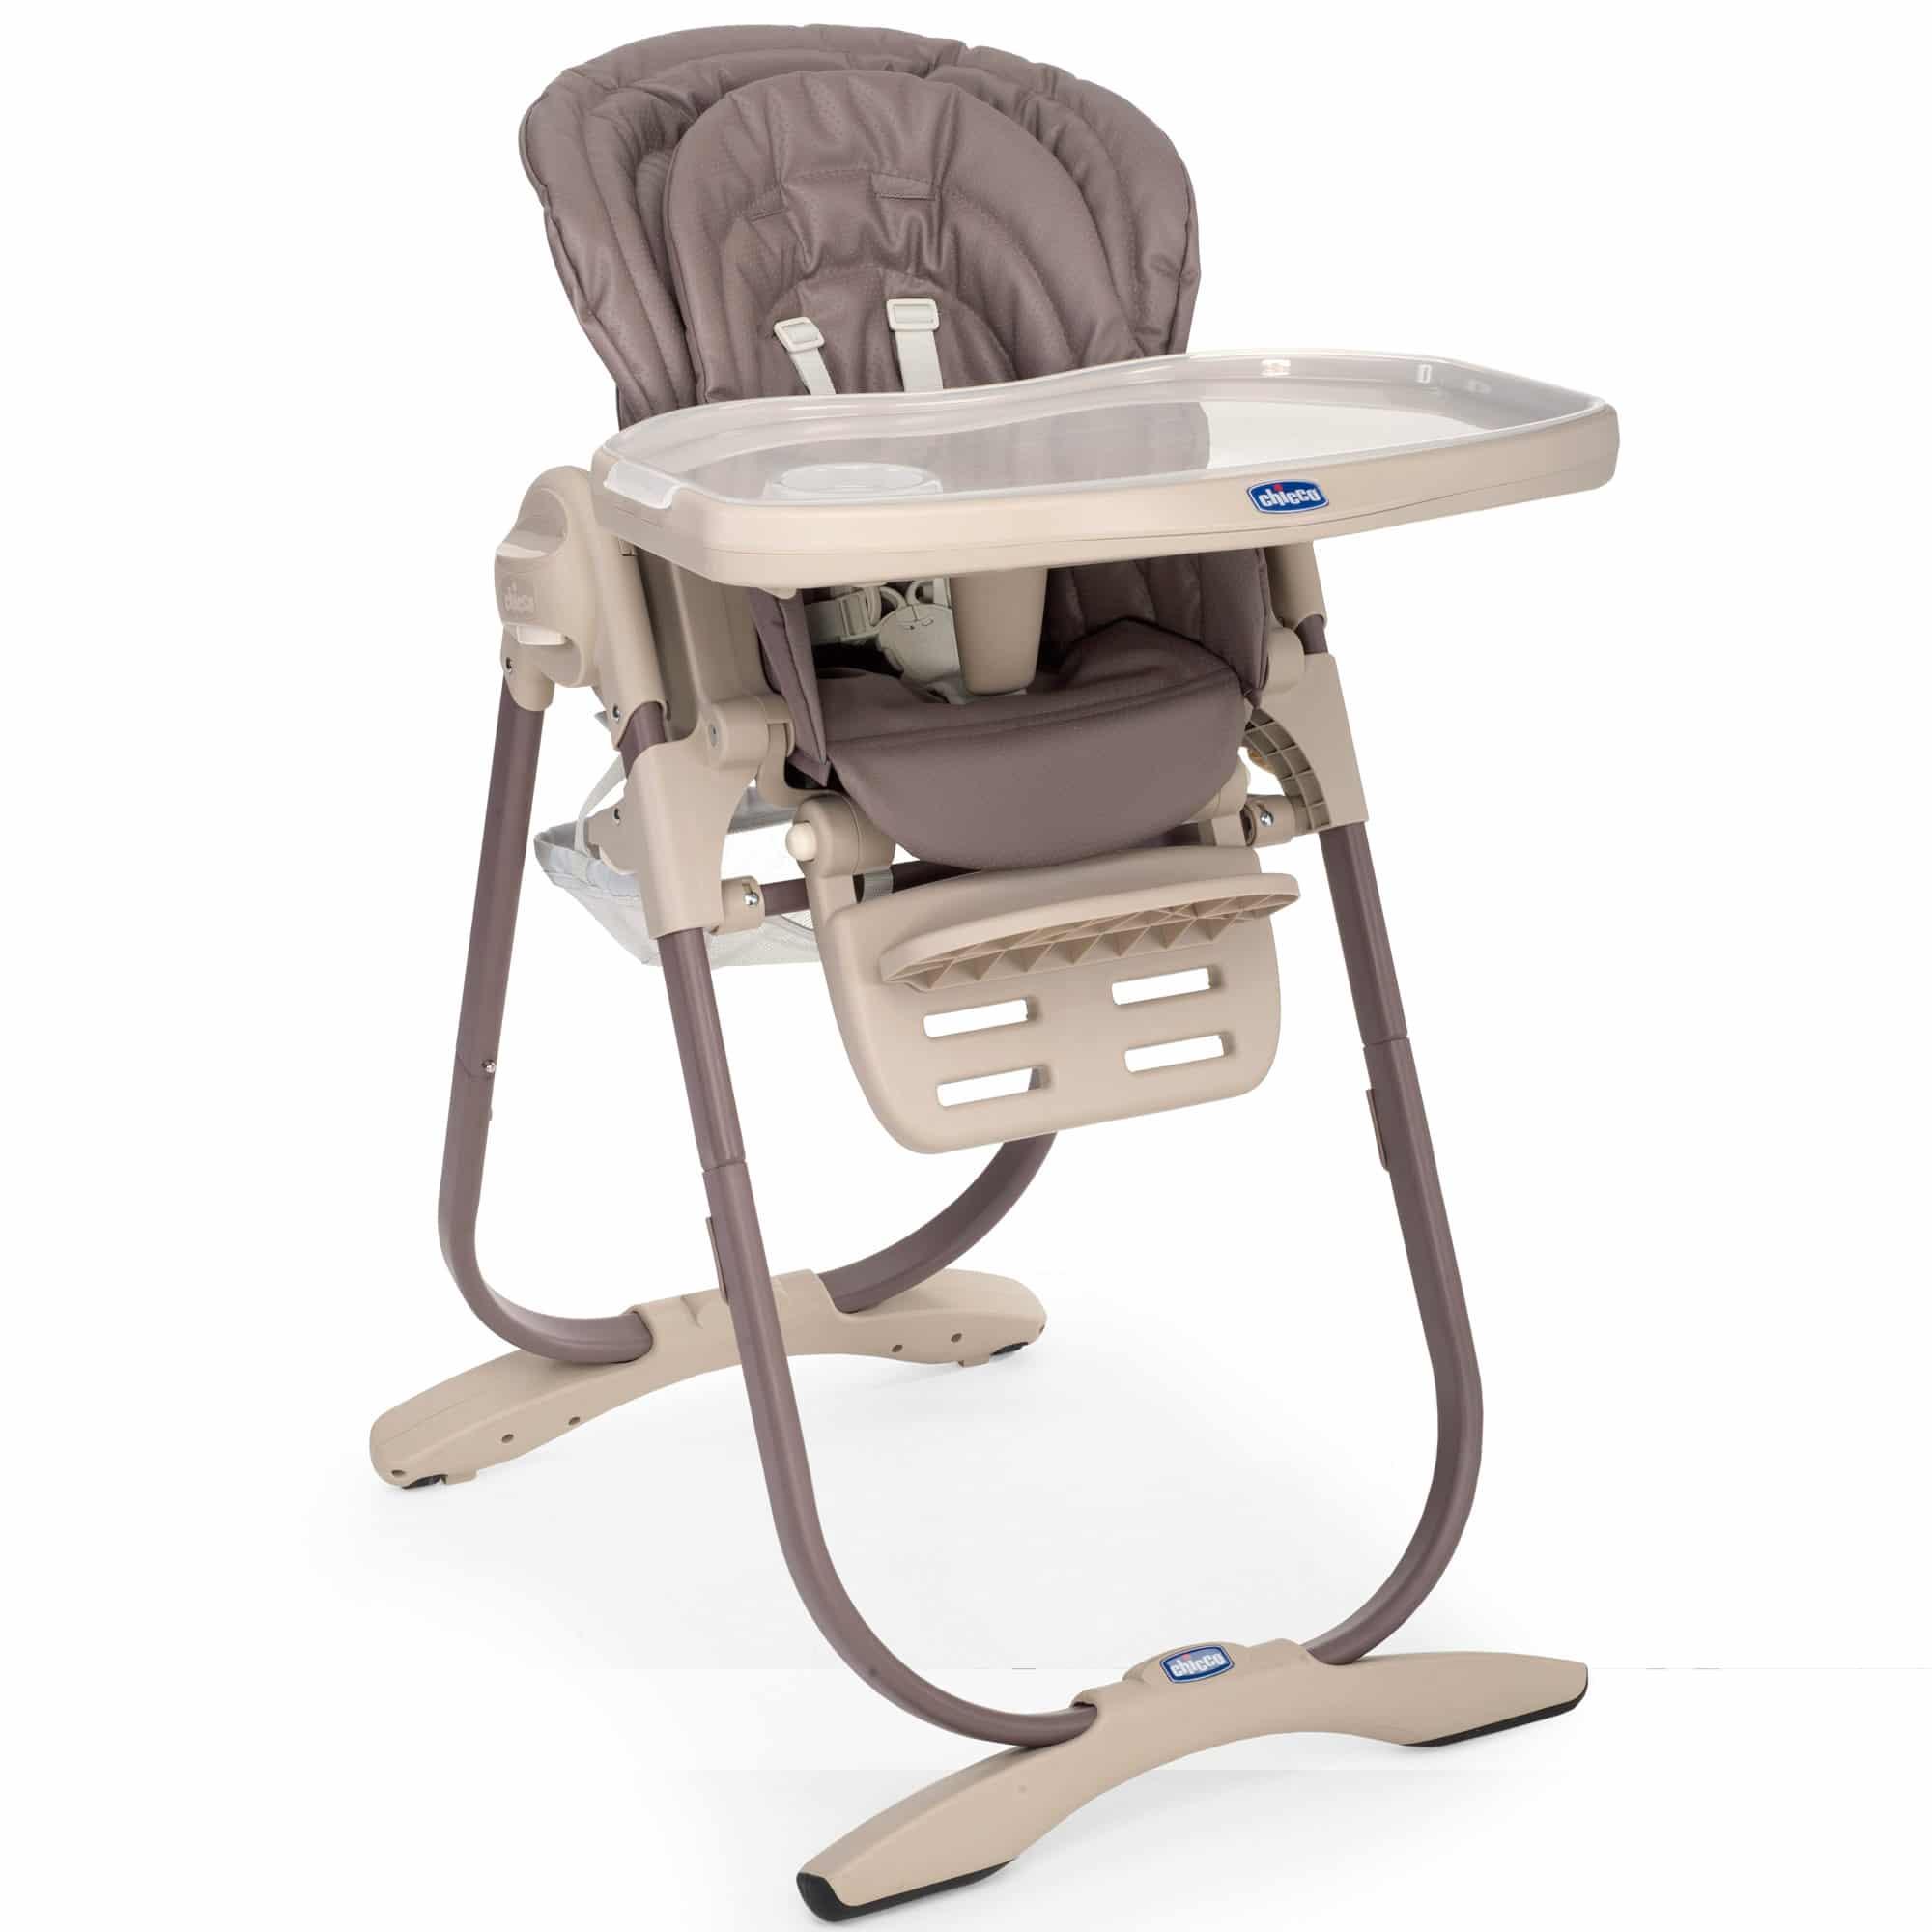 chaise haute b b j 39 ai test quelques mod les sympas pour vous. Black Bedroom Furniture Sets. Home Design Ideas